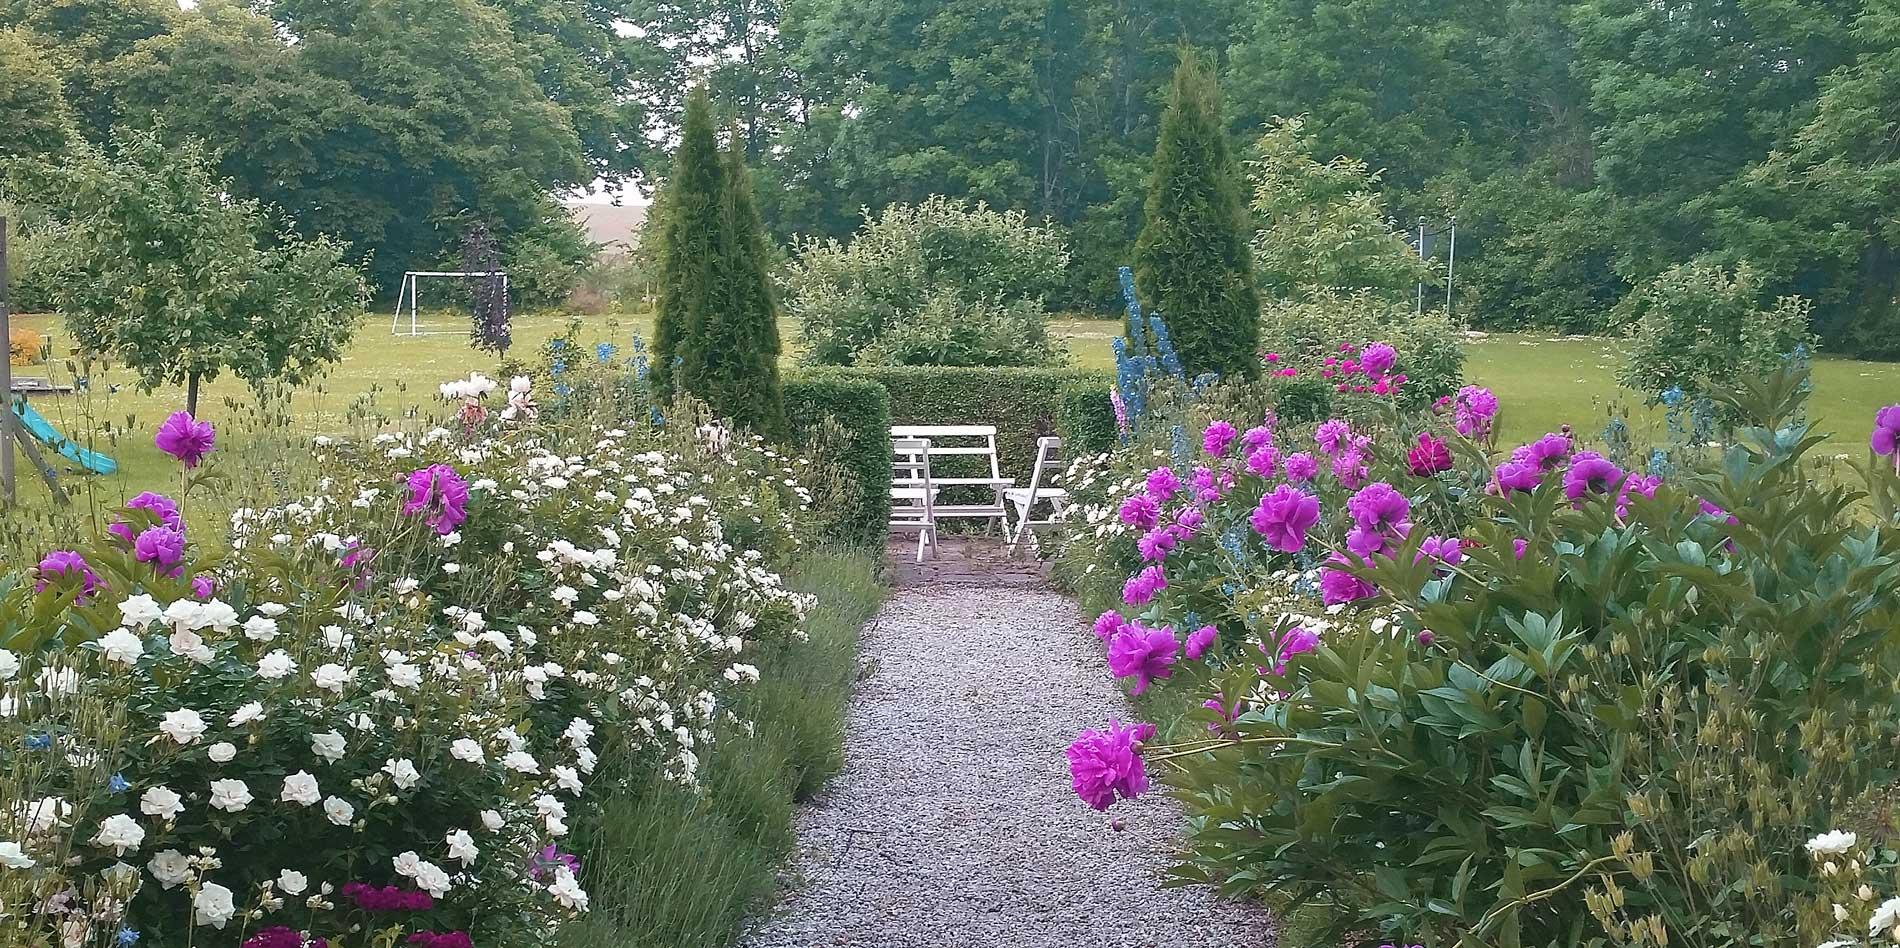 Fika, butik & mysig trädgård hos Madame Marsipan i Vellinge, Skåne